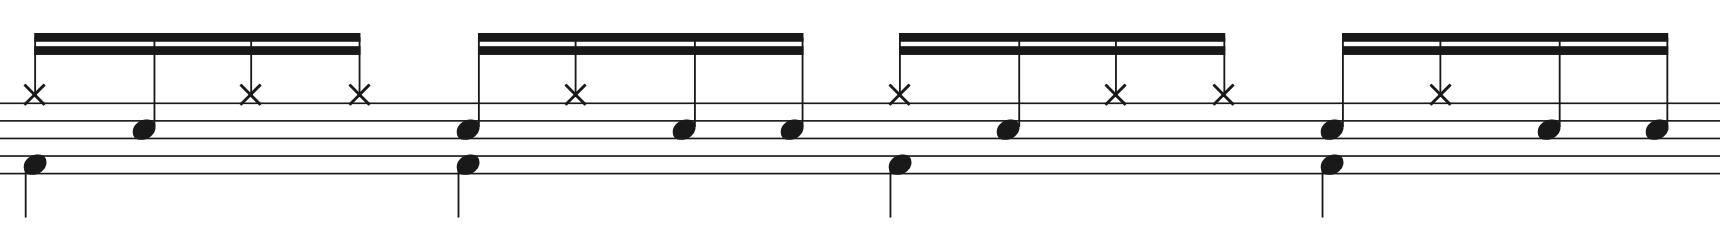 パラディドル,ドラムフレーズ解説1